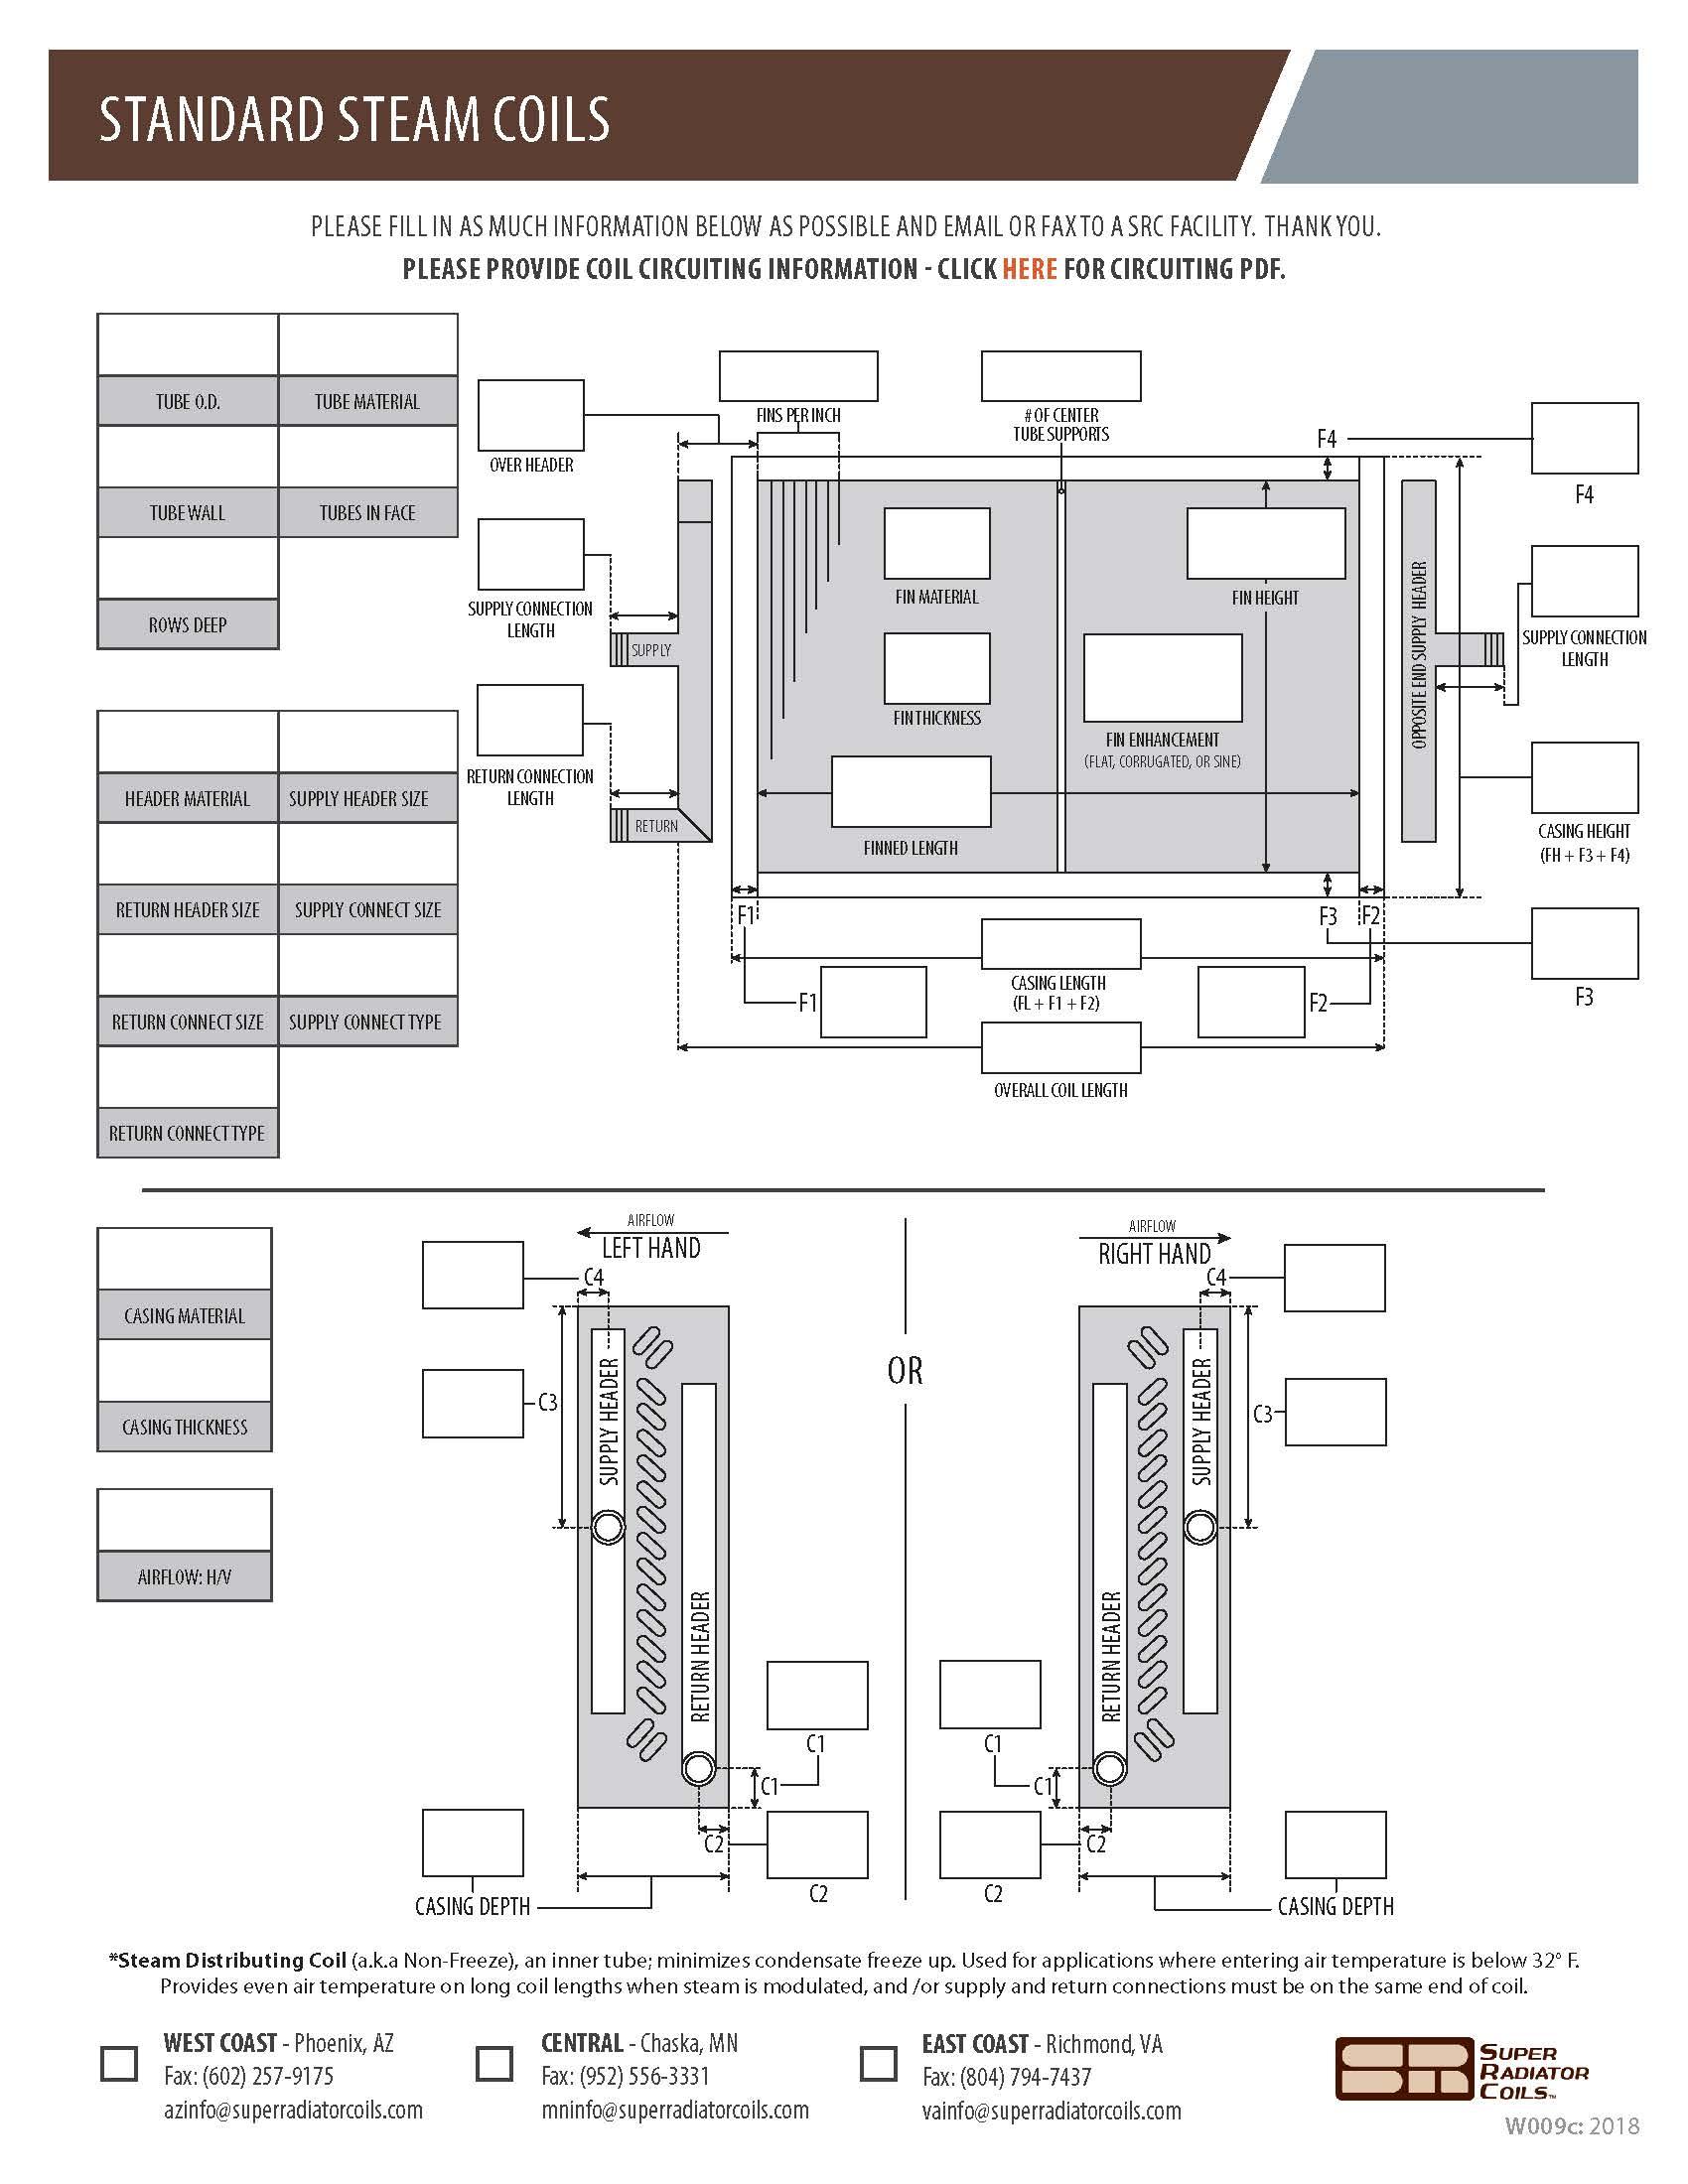 Standard Steam Coils Spec Sheet